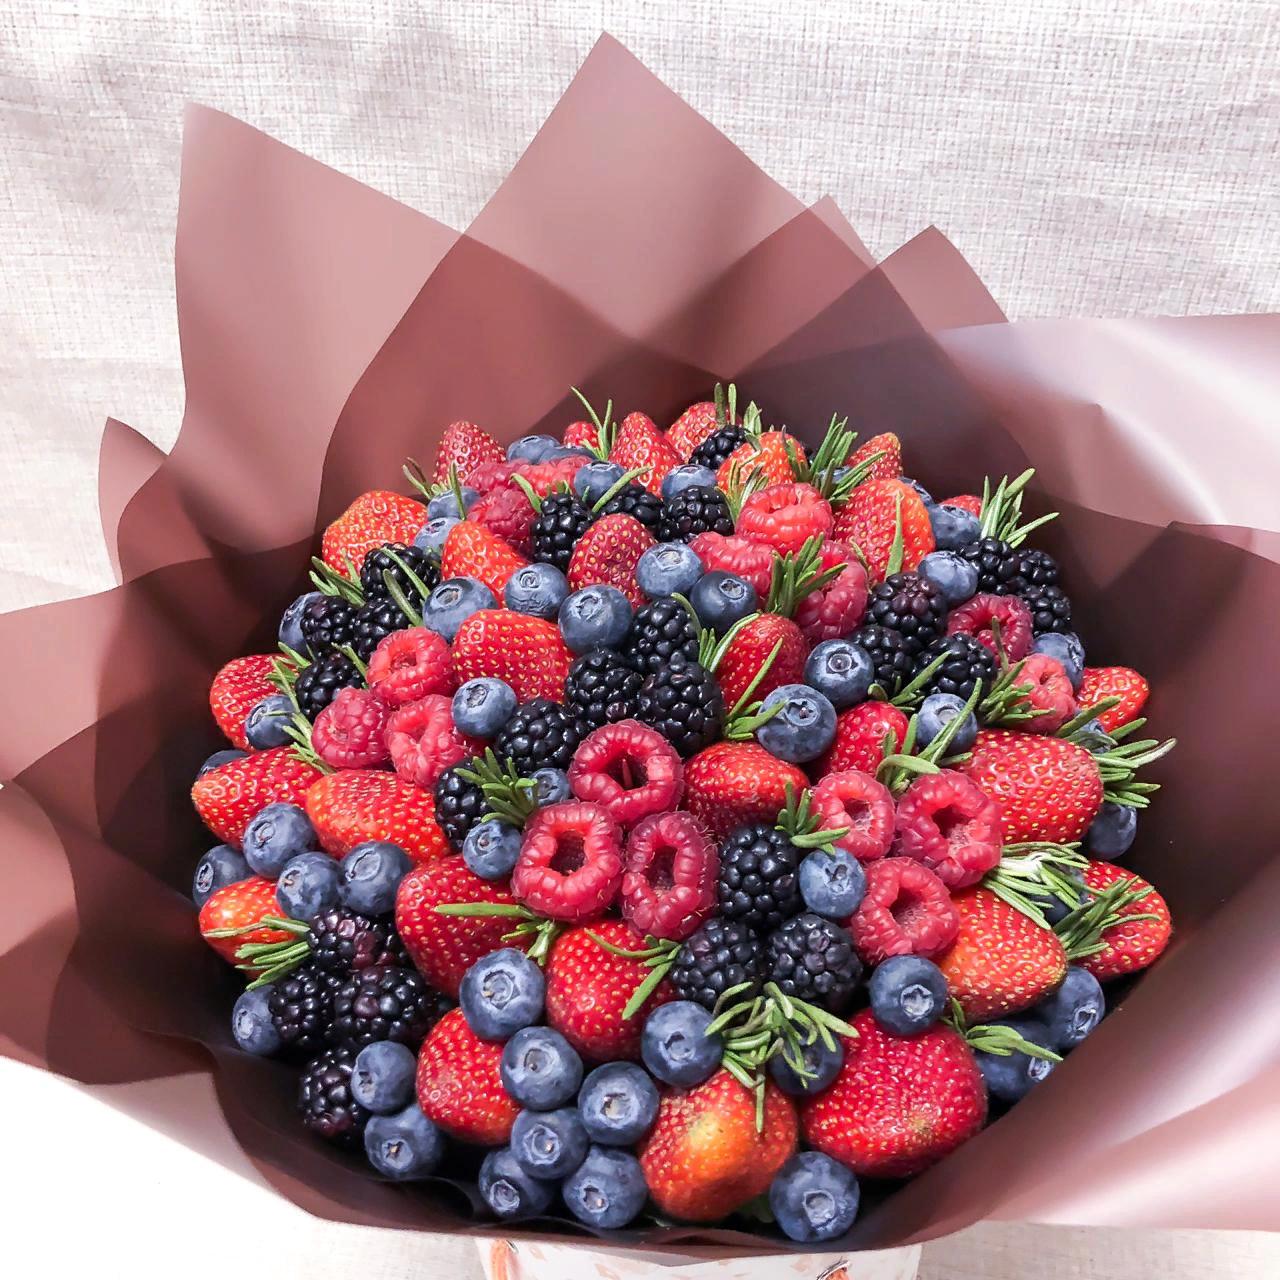 с днем рождения картинки фрукты ягоды басы